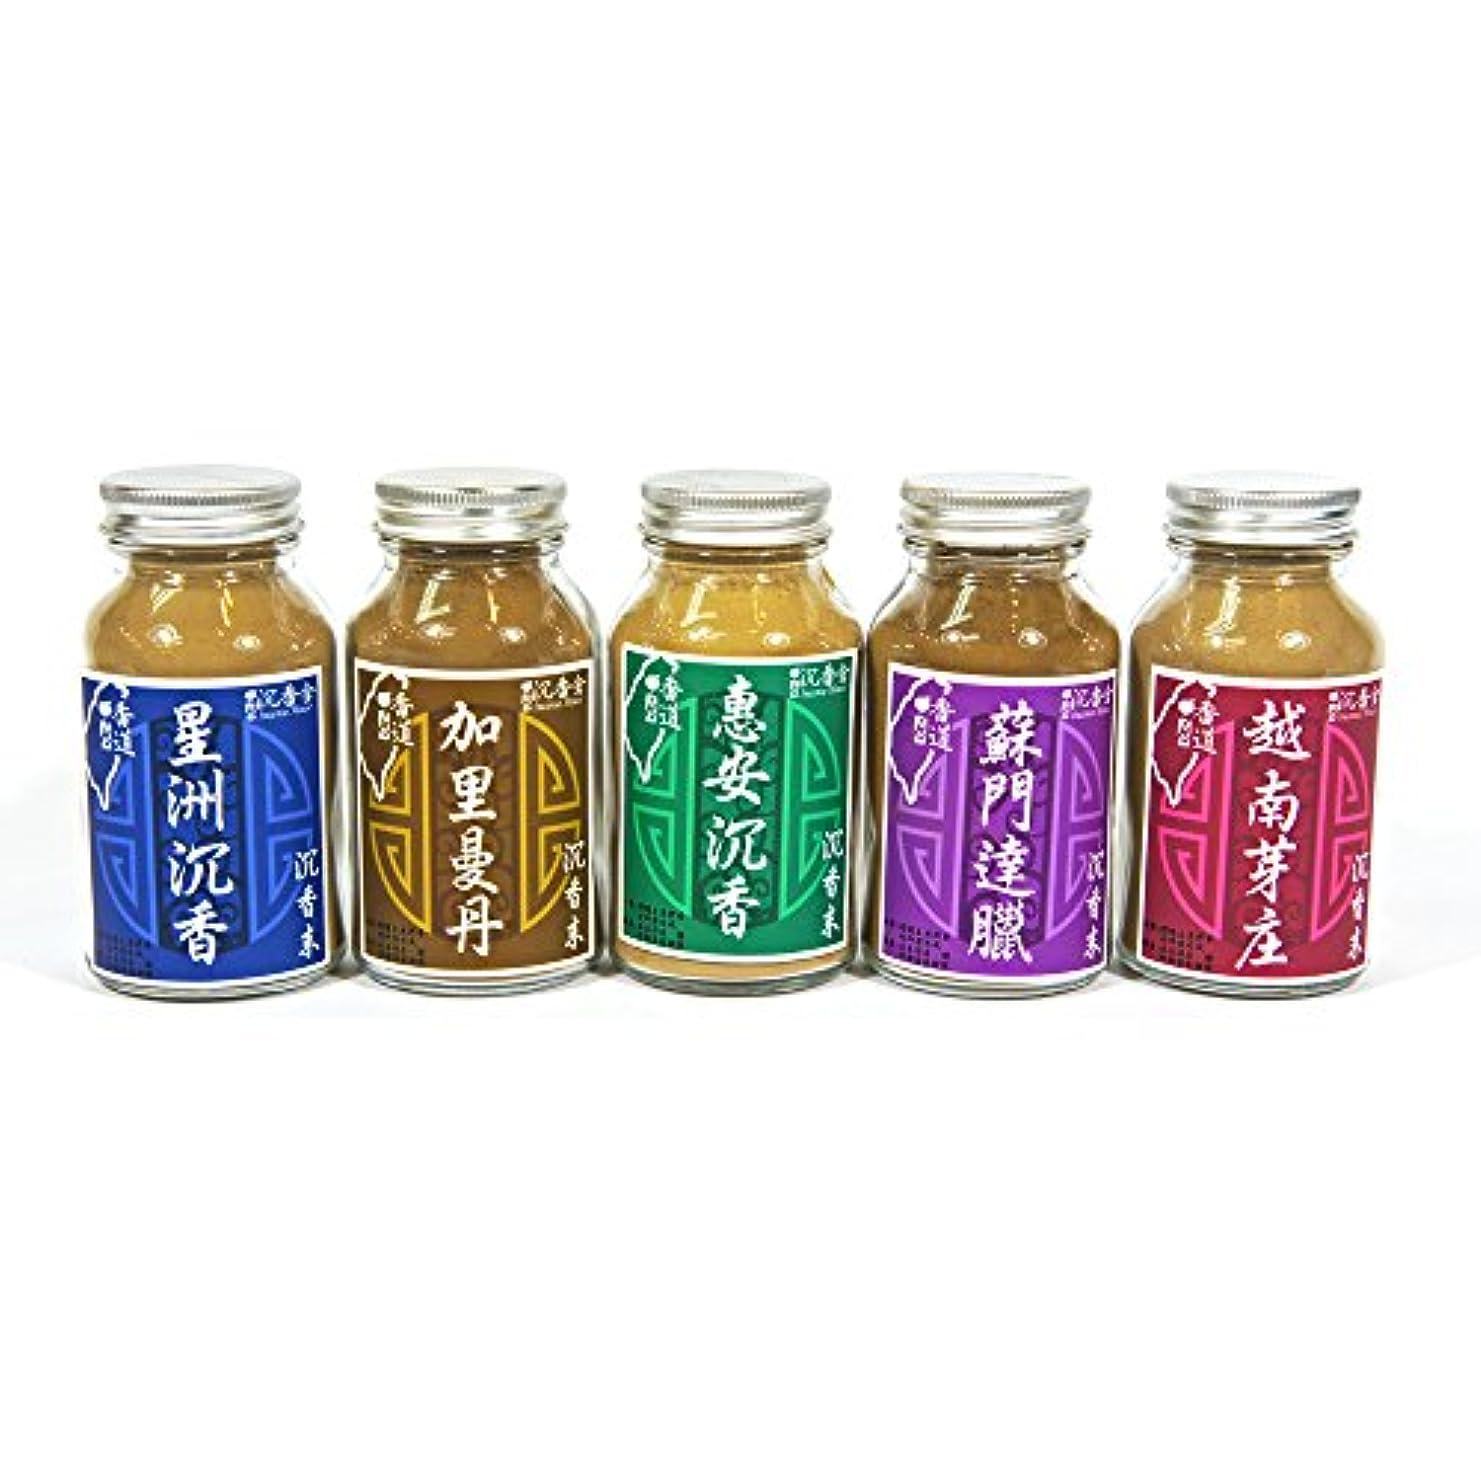 イヤホンヒール起こりやすい台湾沉香舍 お香原料 高級品 5グレード沈香粉末 セット (5沈香)  各1本 : 50g